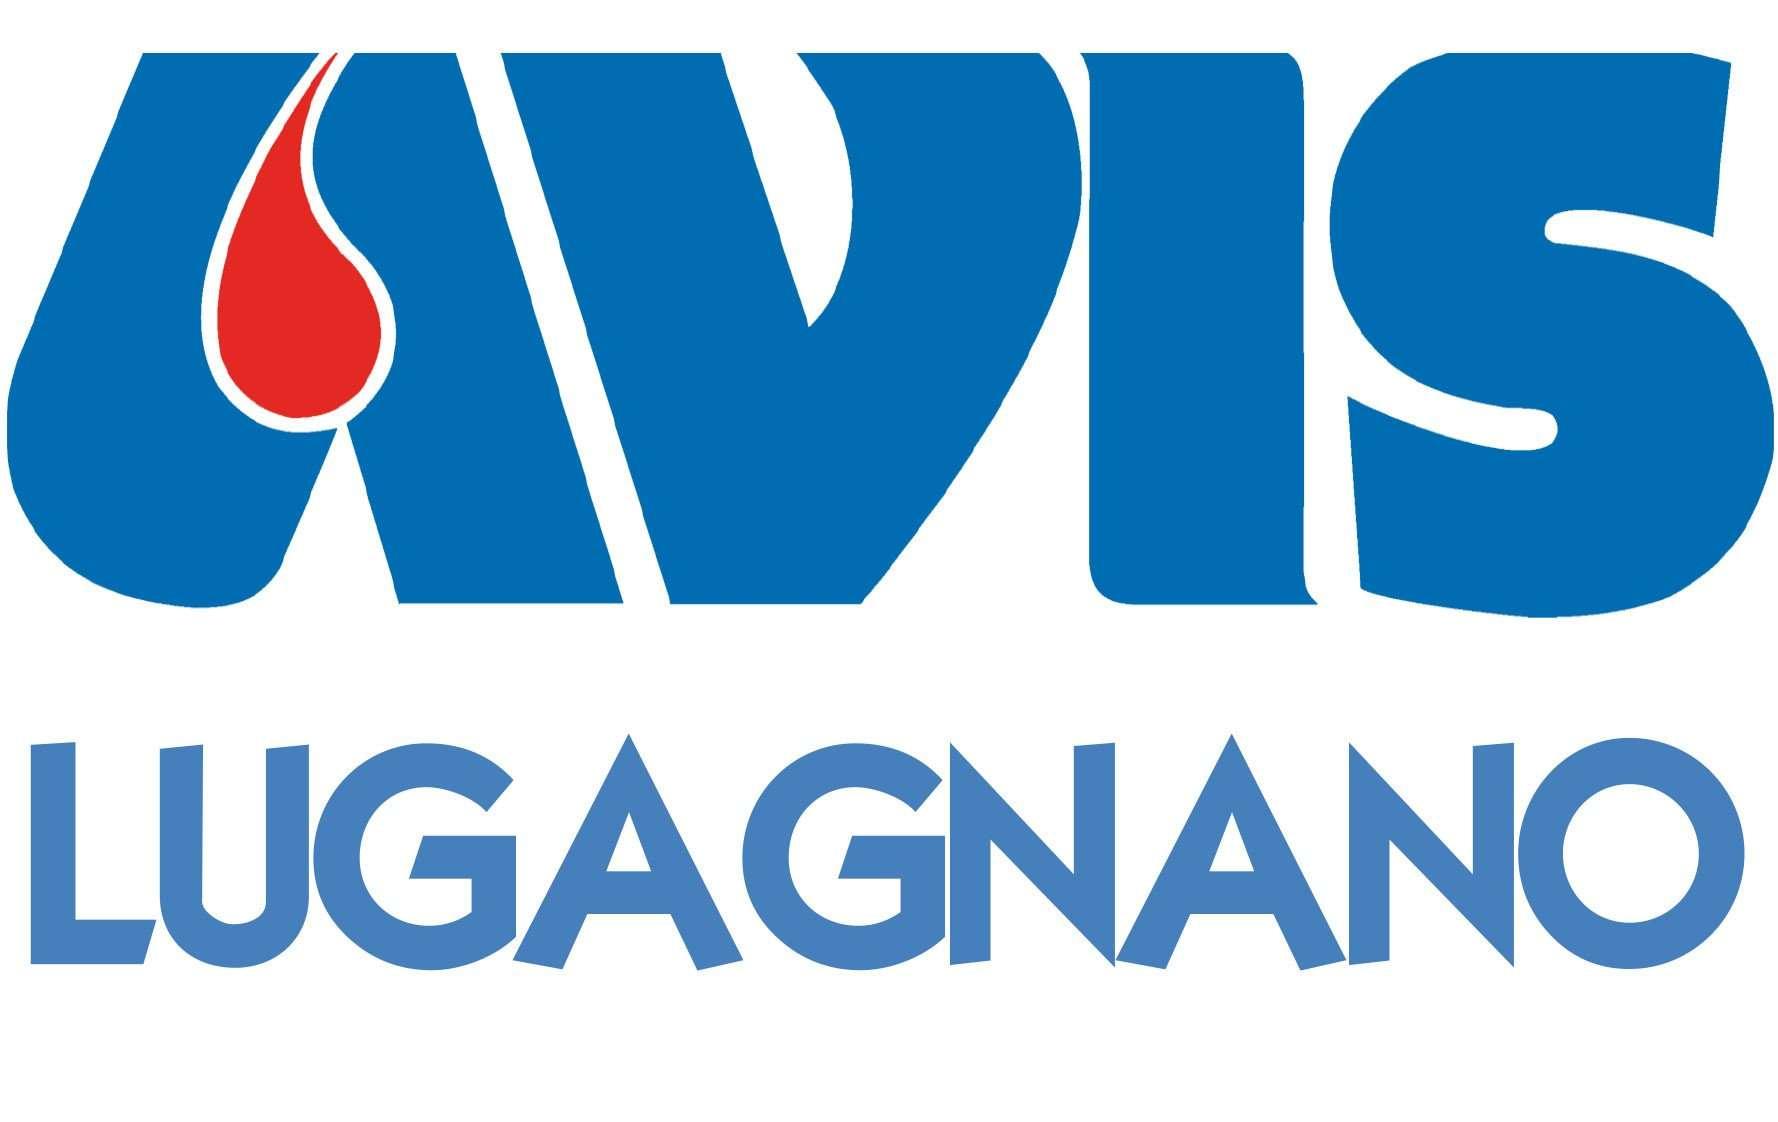 AVIS Lugagnano